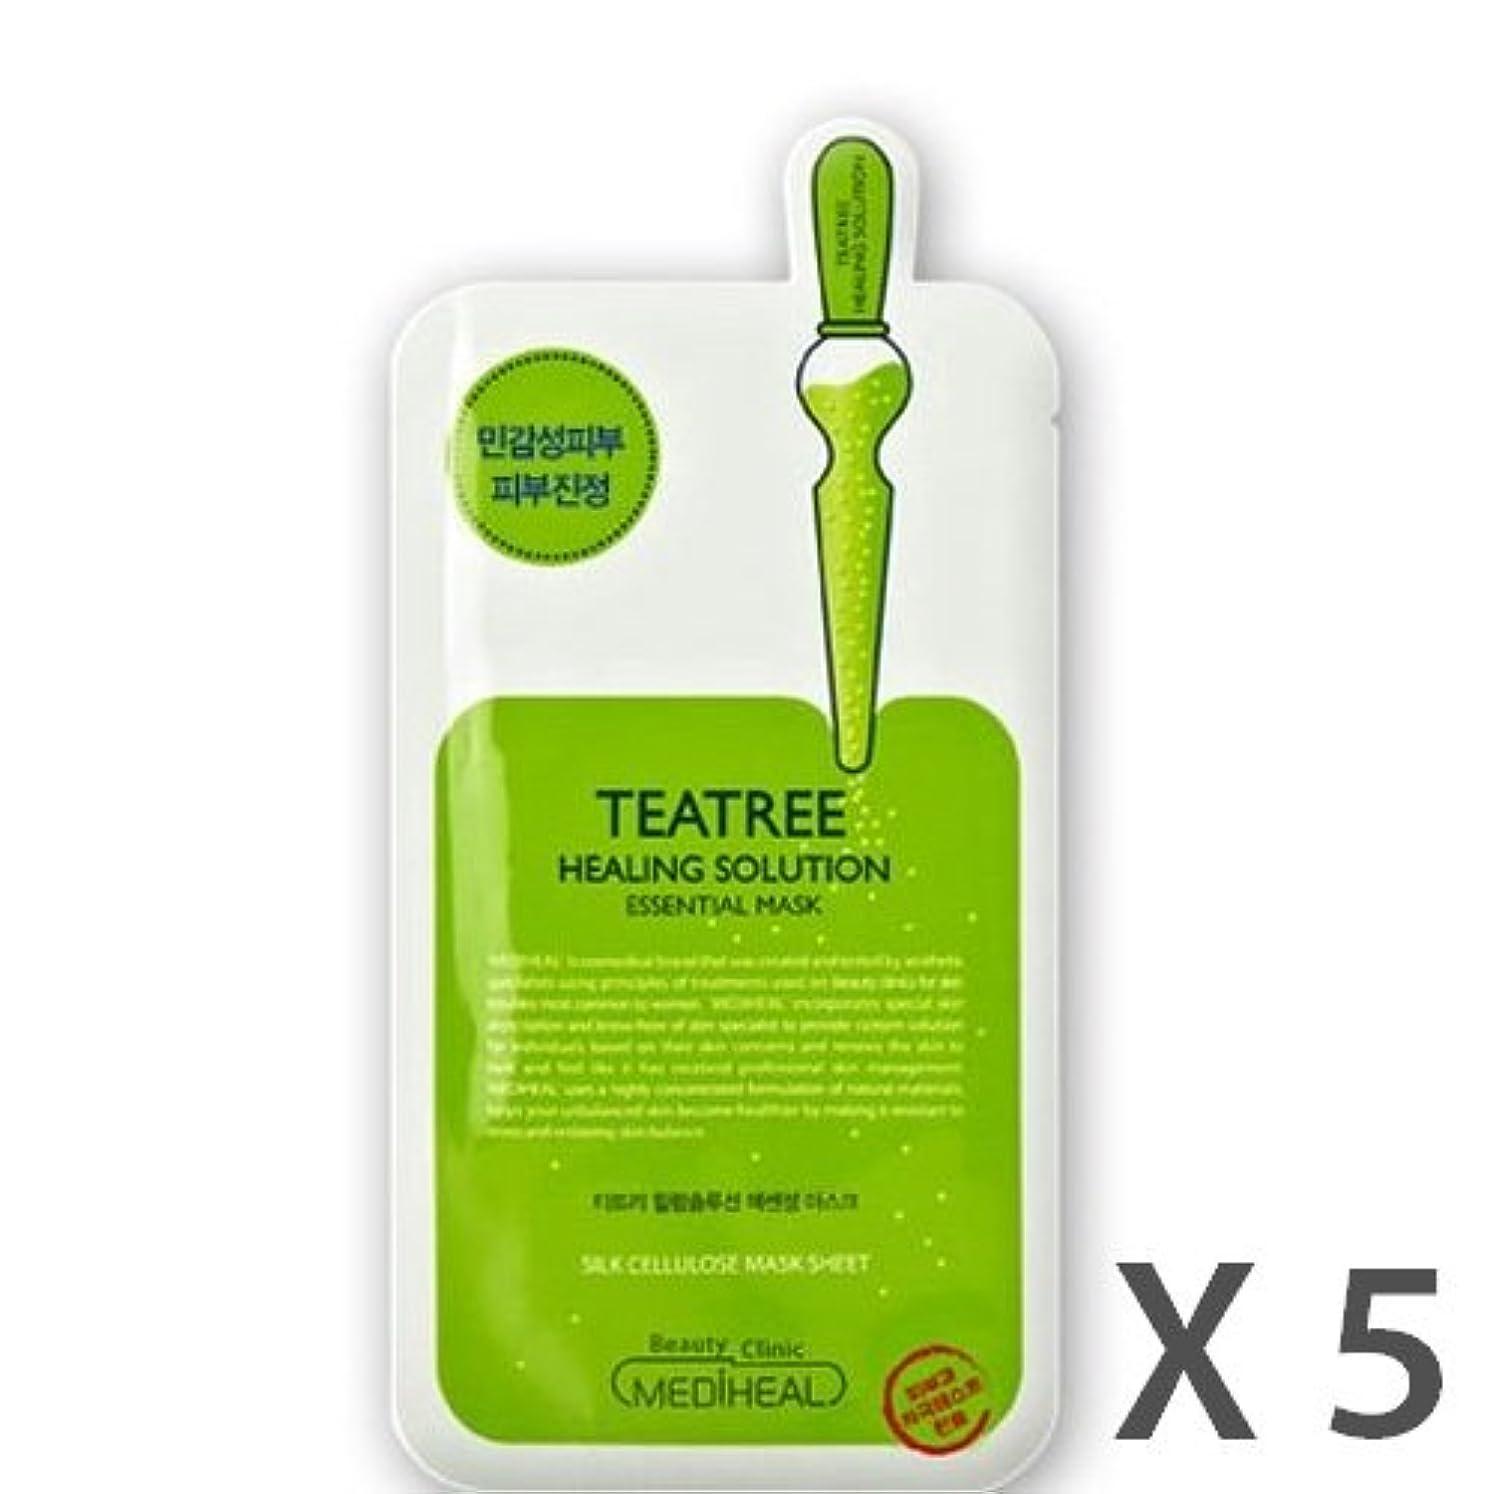 ビバ変化する重要性MEDIHEAL Tea Tree Healing Solution Essential Mask 5ea /メディヒール ティー ツリー ヒーリングソリューションエッセンシャルマスク 5ea [並行輸入品]